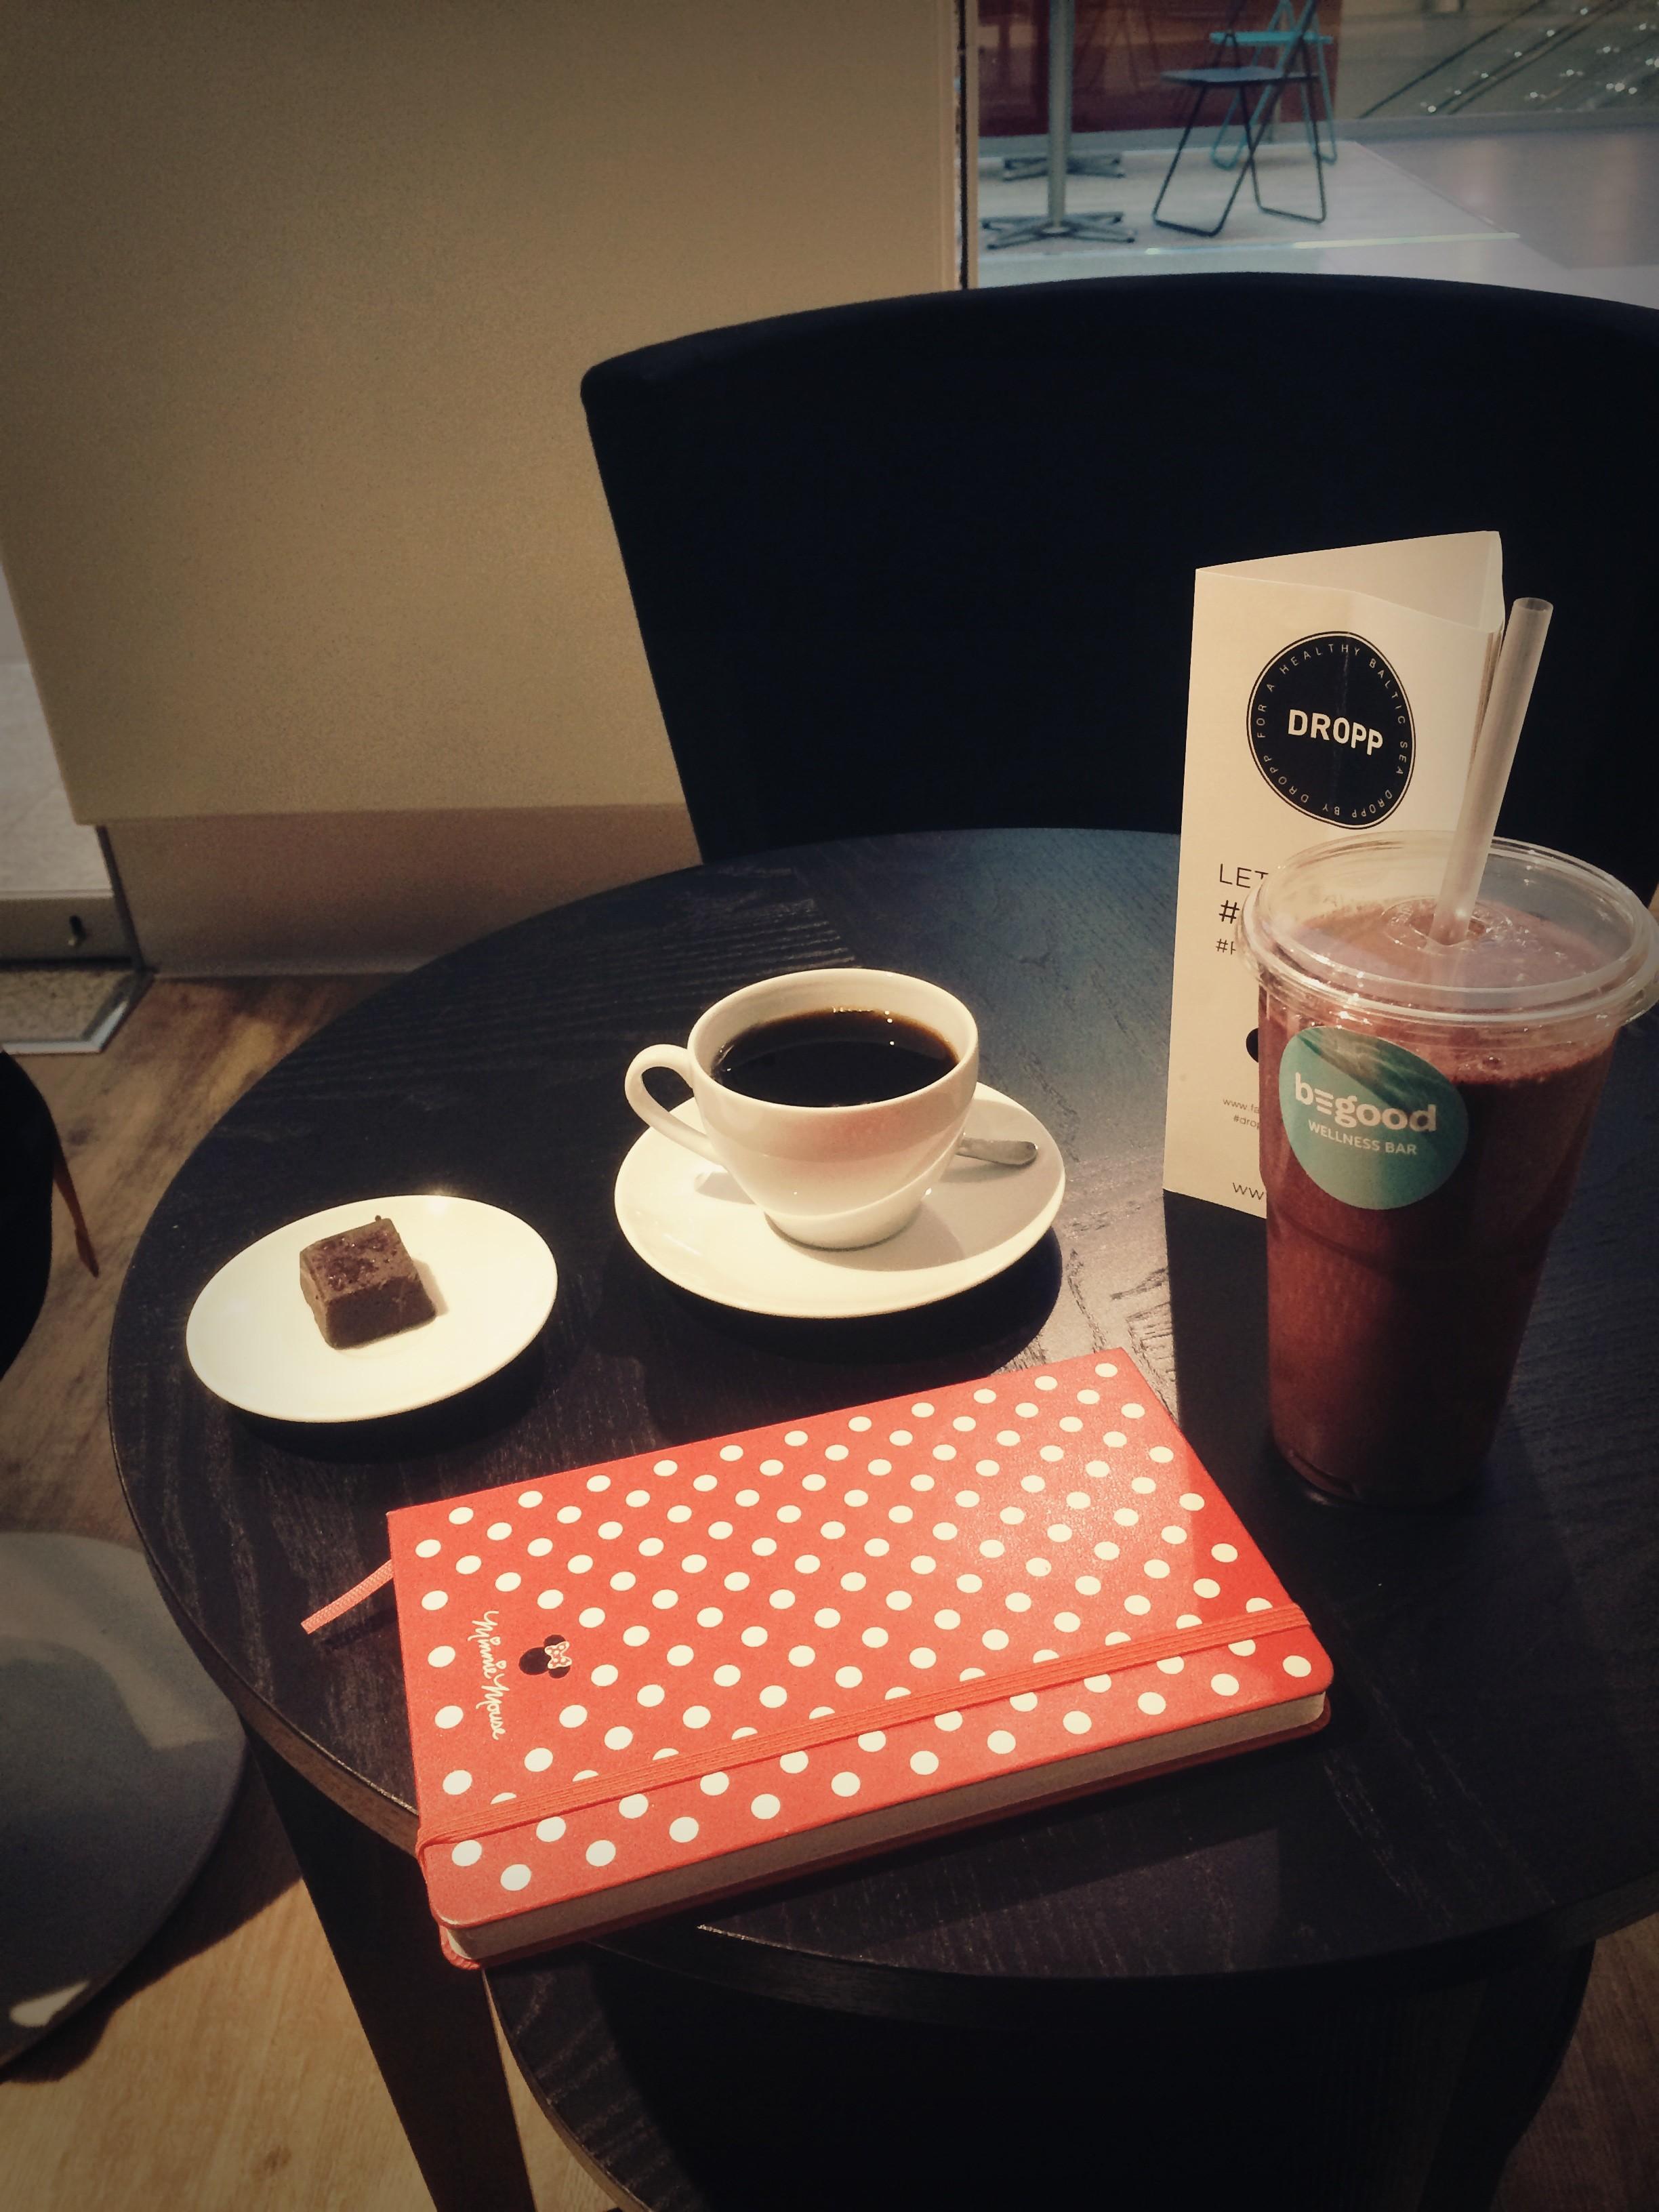 Omaa aikaa ohjausten välissä, ja poikkeavaa aamiaista kahvilassa. Smoothie, raakasuklaapala ja kahvia.